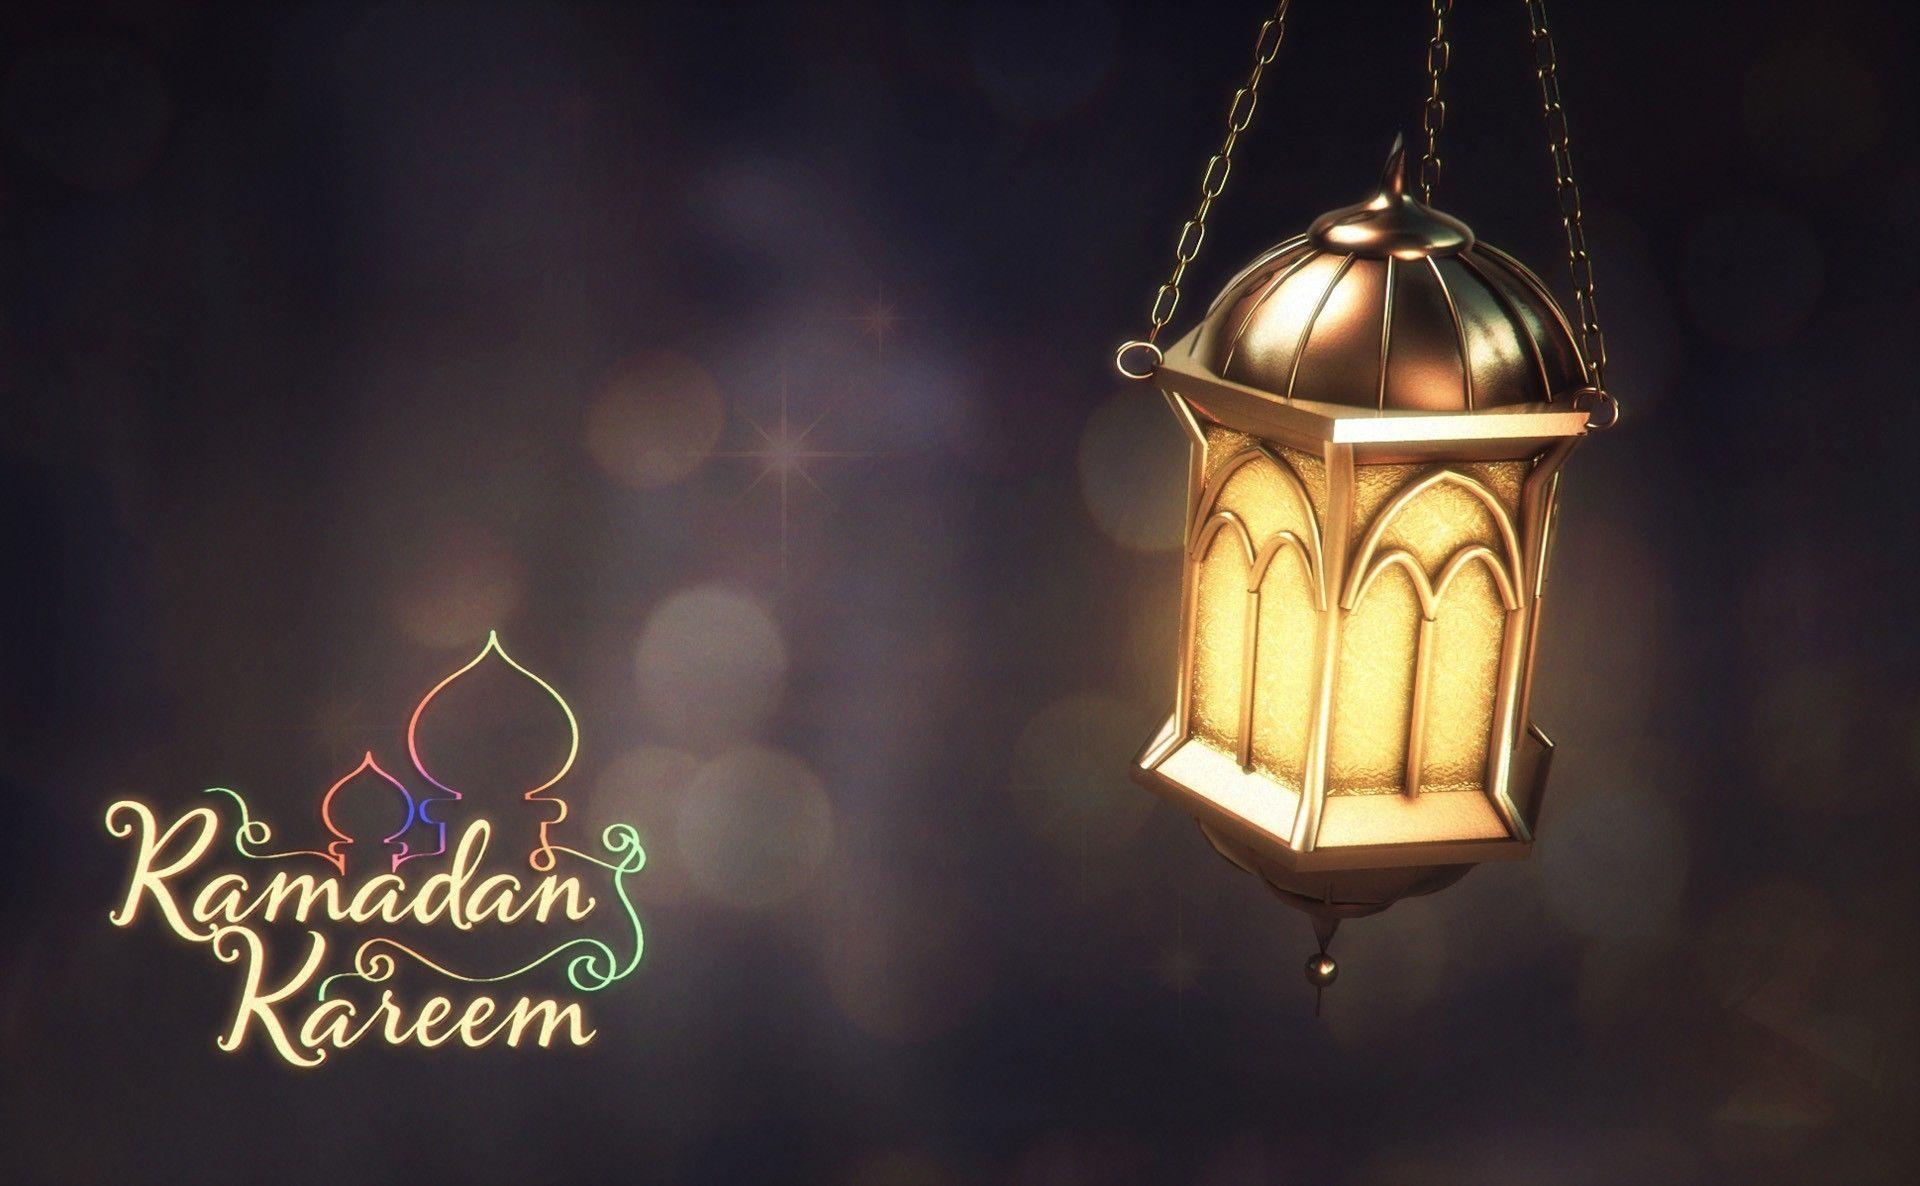 Ramadan Kareem Desktop Wallpapers 2013 Ramadan Wishes Ramadan Images Ramadan Greetings